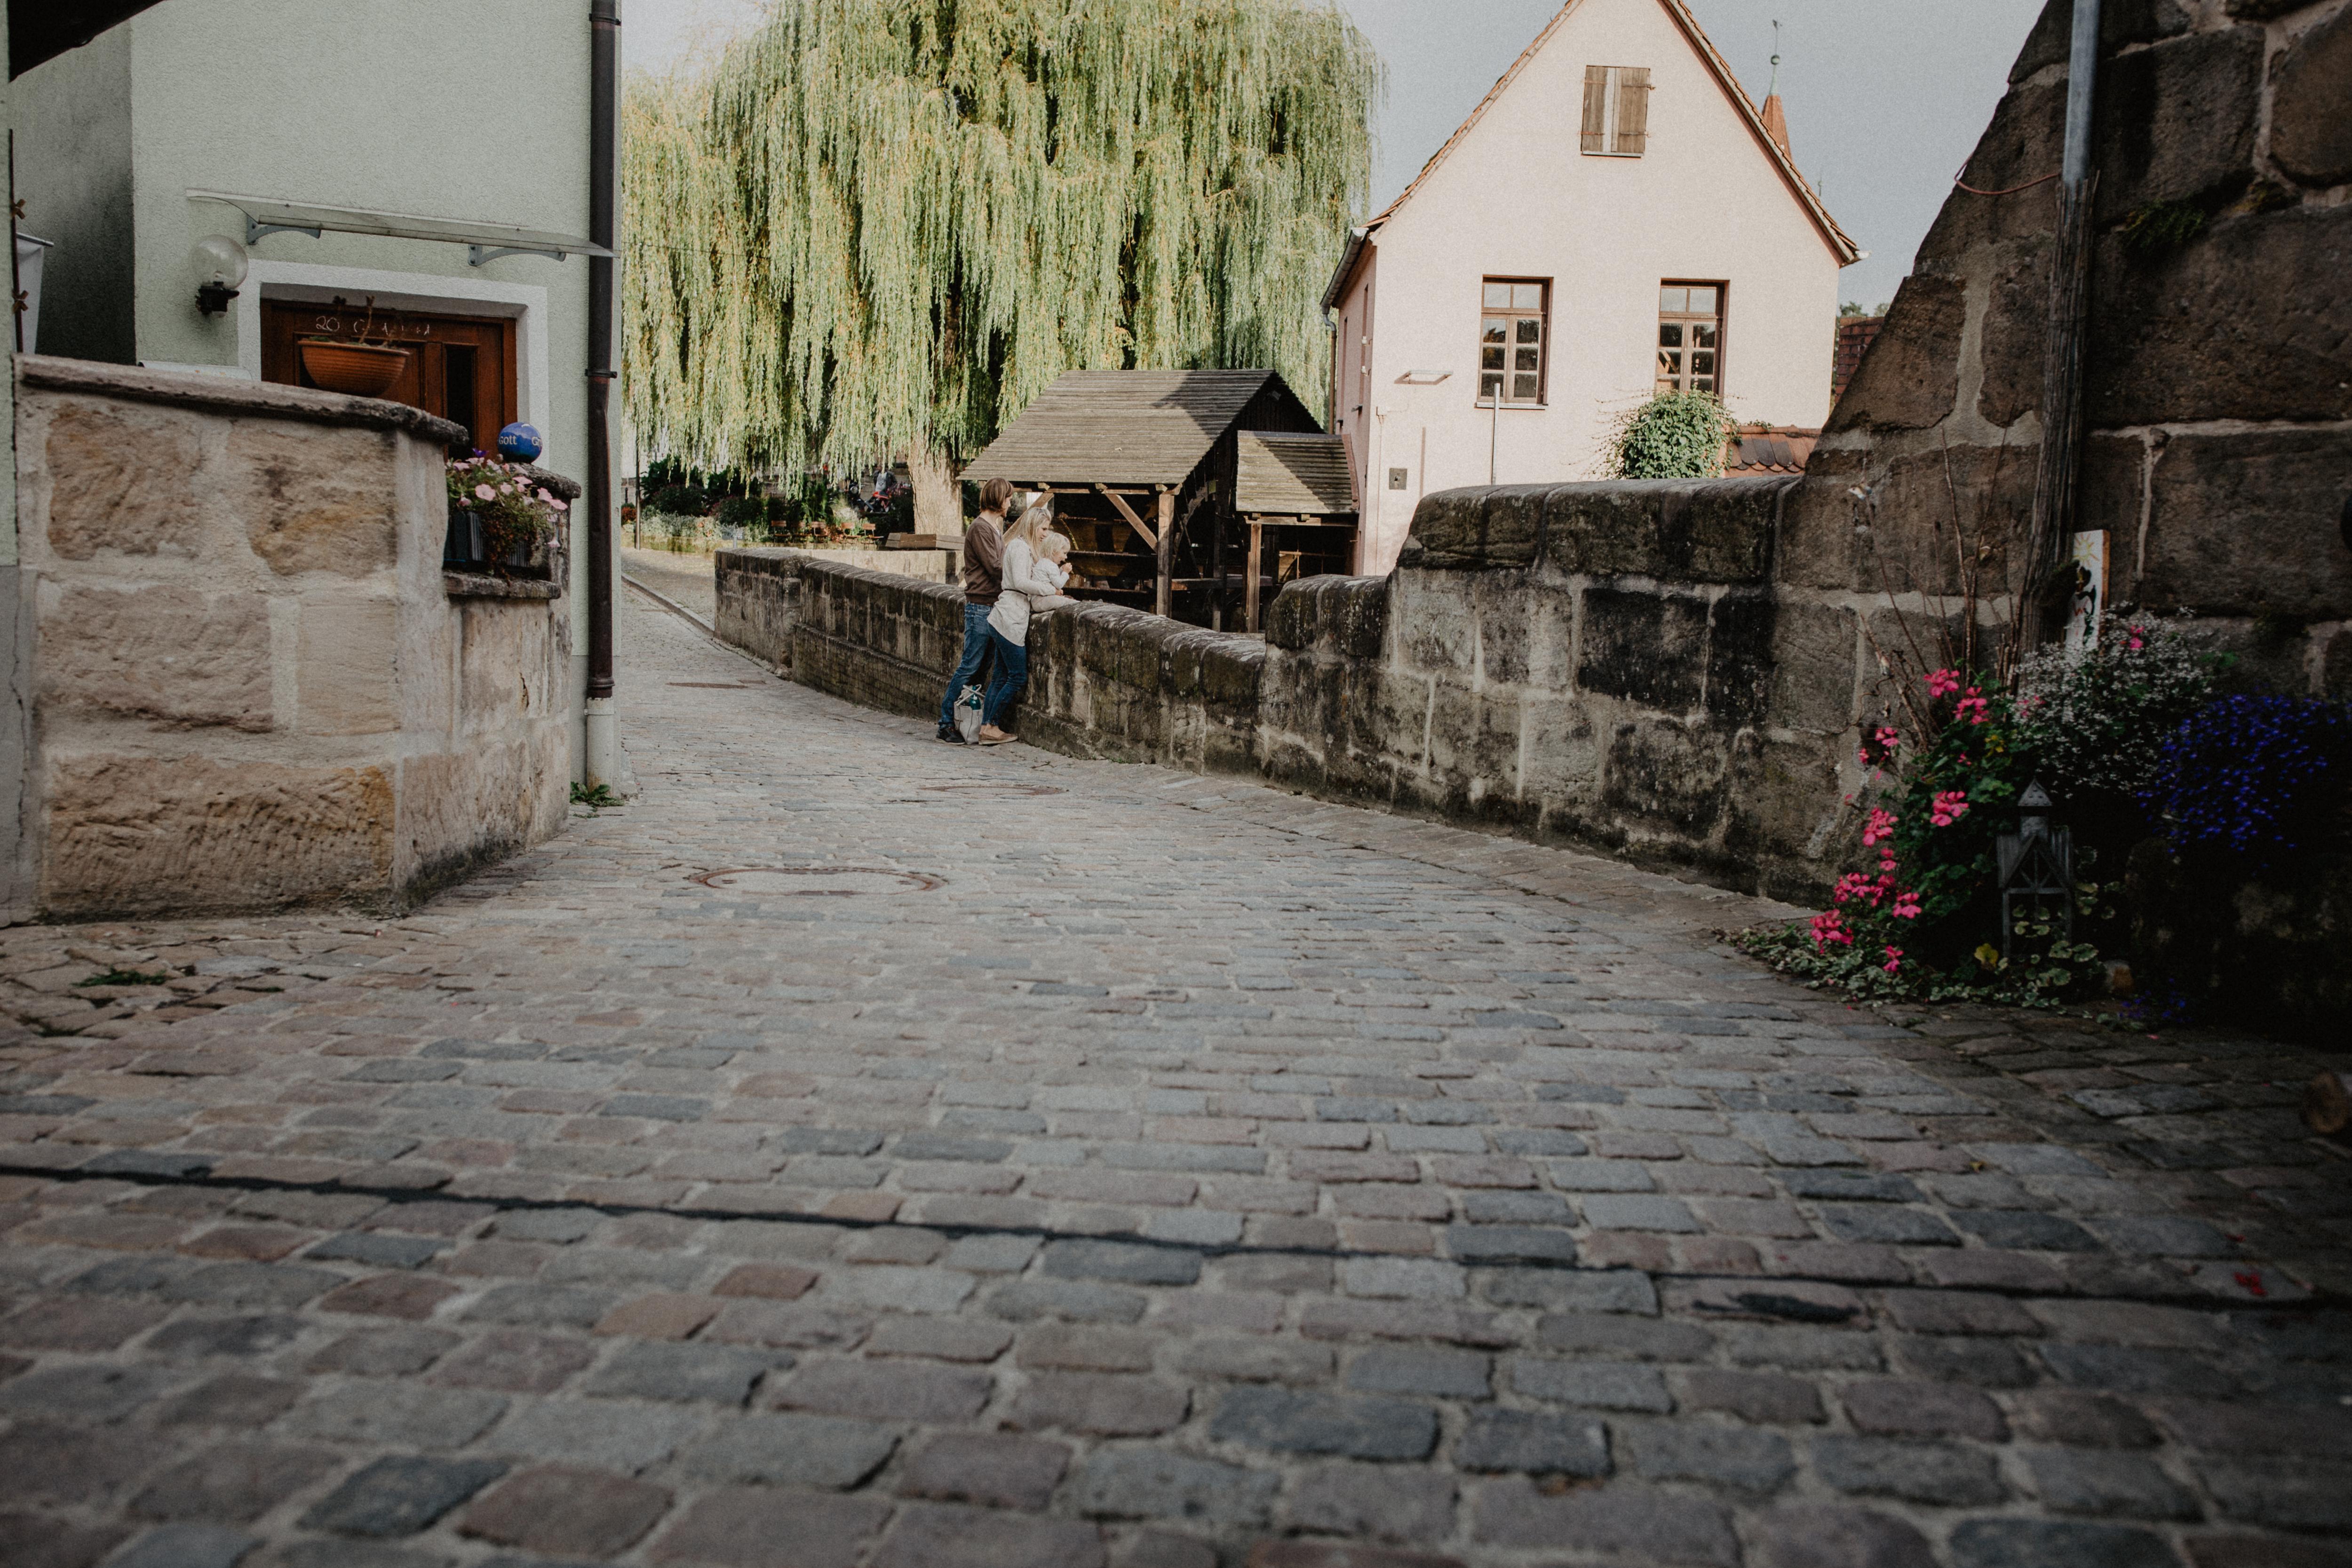 URBANERIE_Daniela_Goth_Fotografin_Nürnberg_Fürth_Erlangen_Schwabach_170930_0200